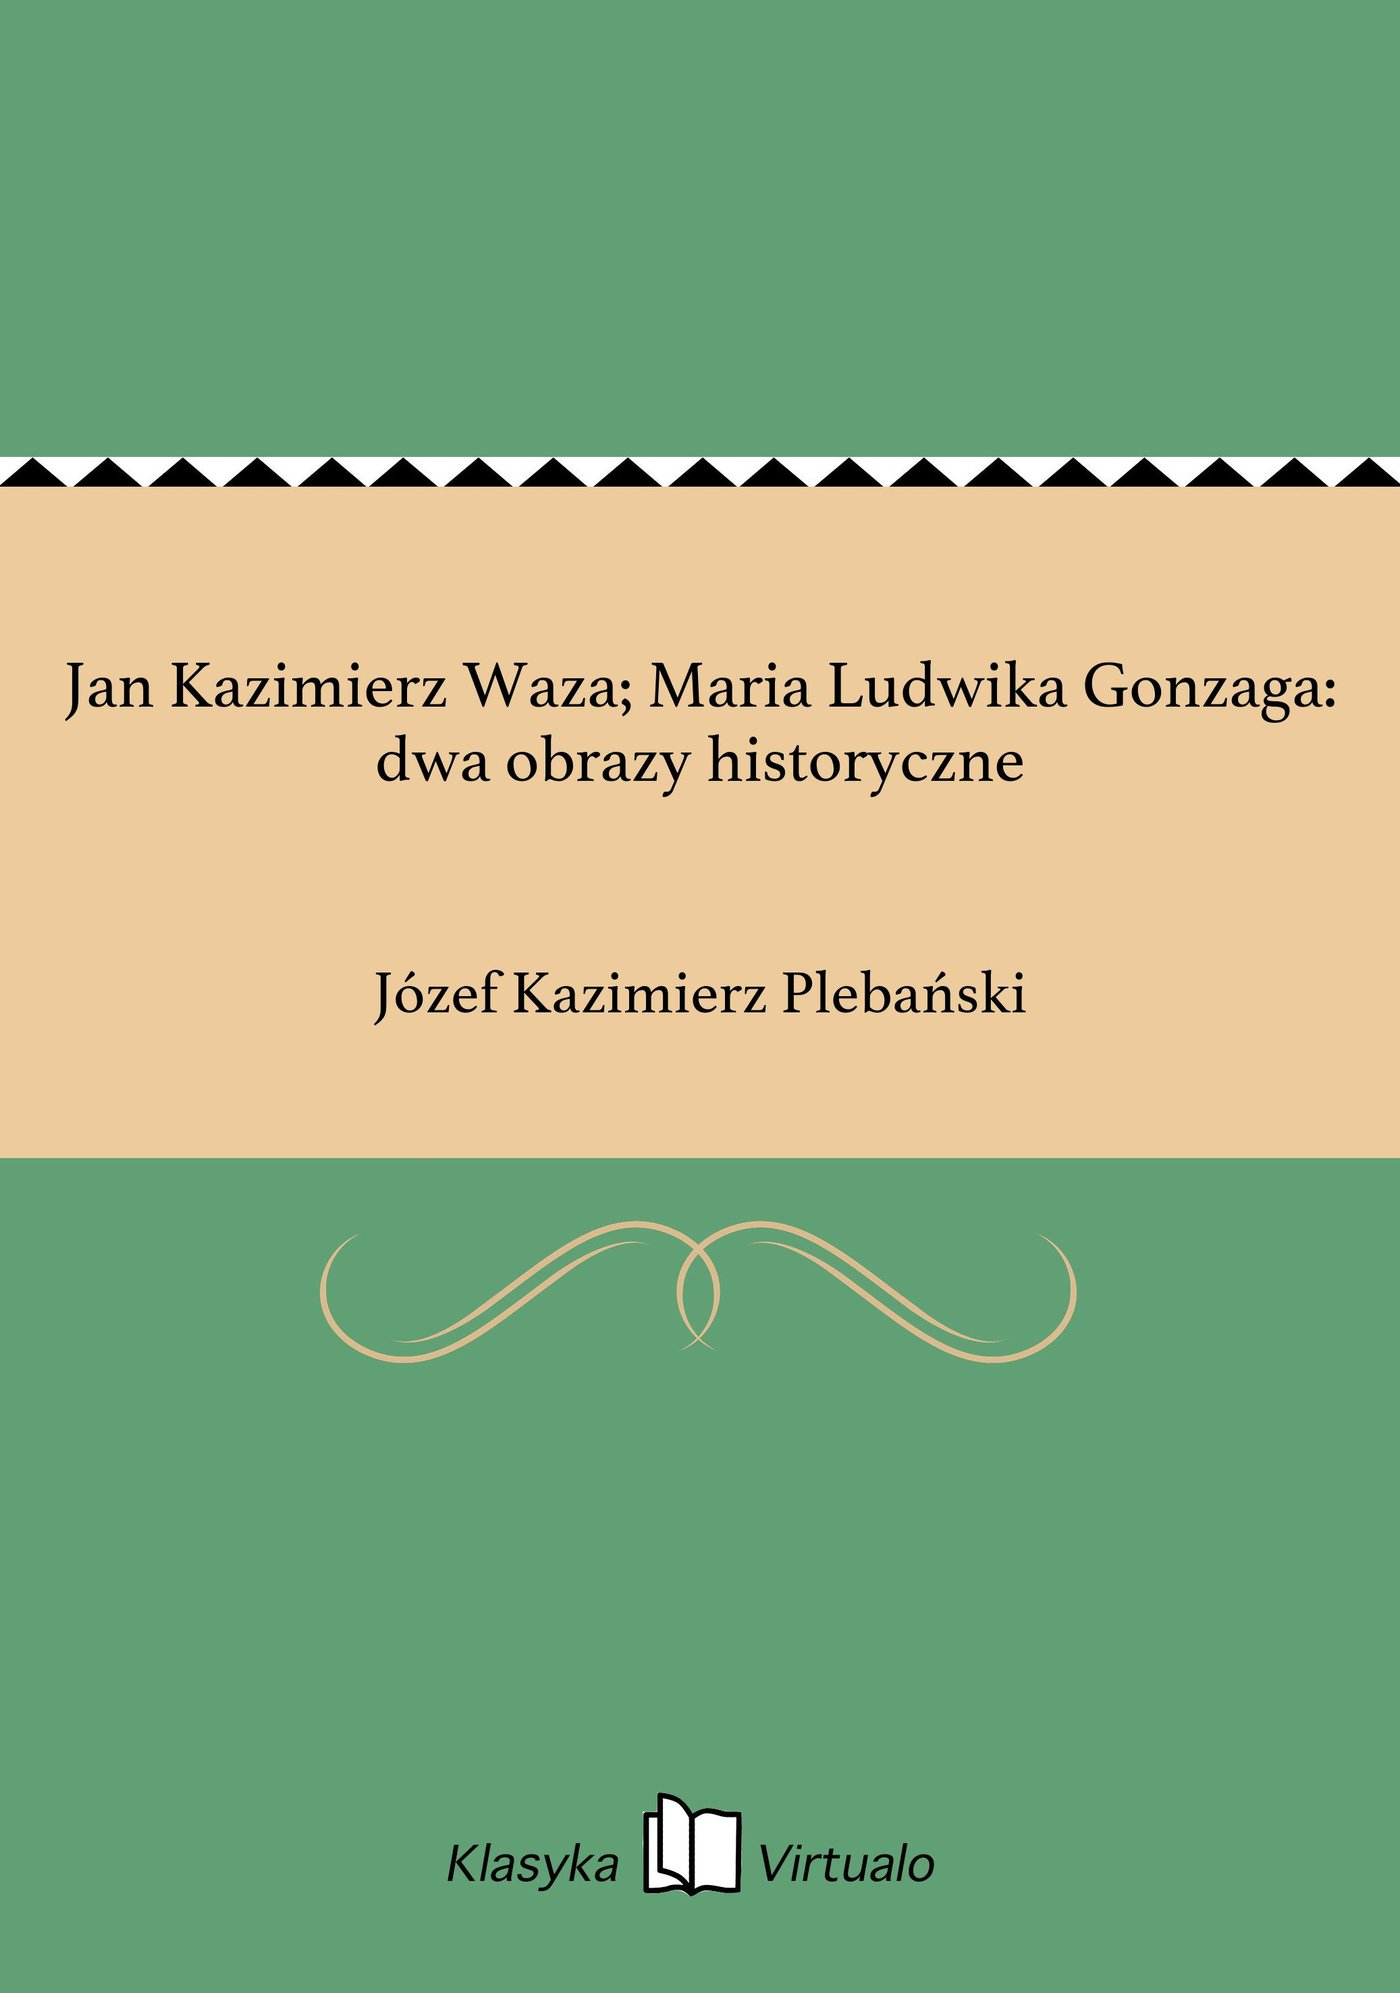 Jan Kazimierz Waza; Maria Ludwika Gonzaga: dwa obrazy historyczne - Ebook (Książka EPUB) do pobrania w formacie EPUB